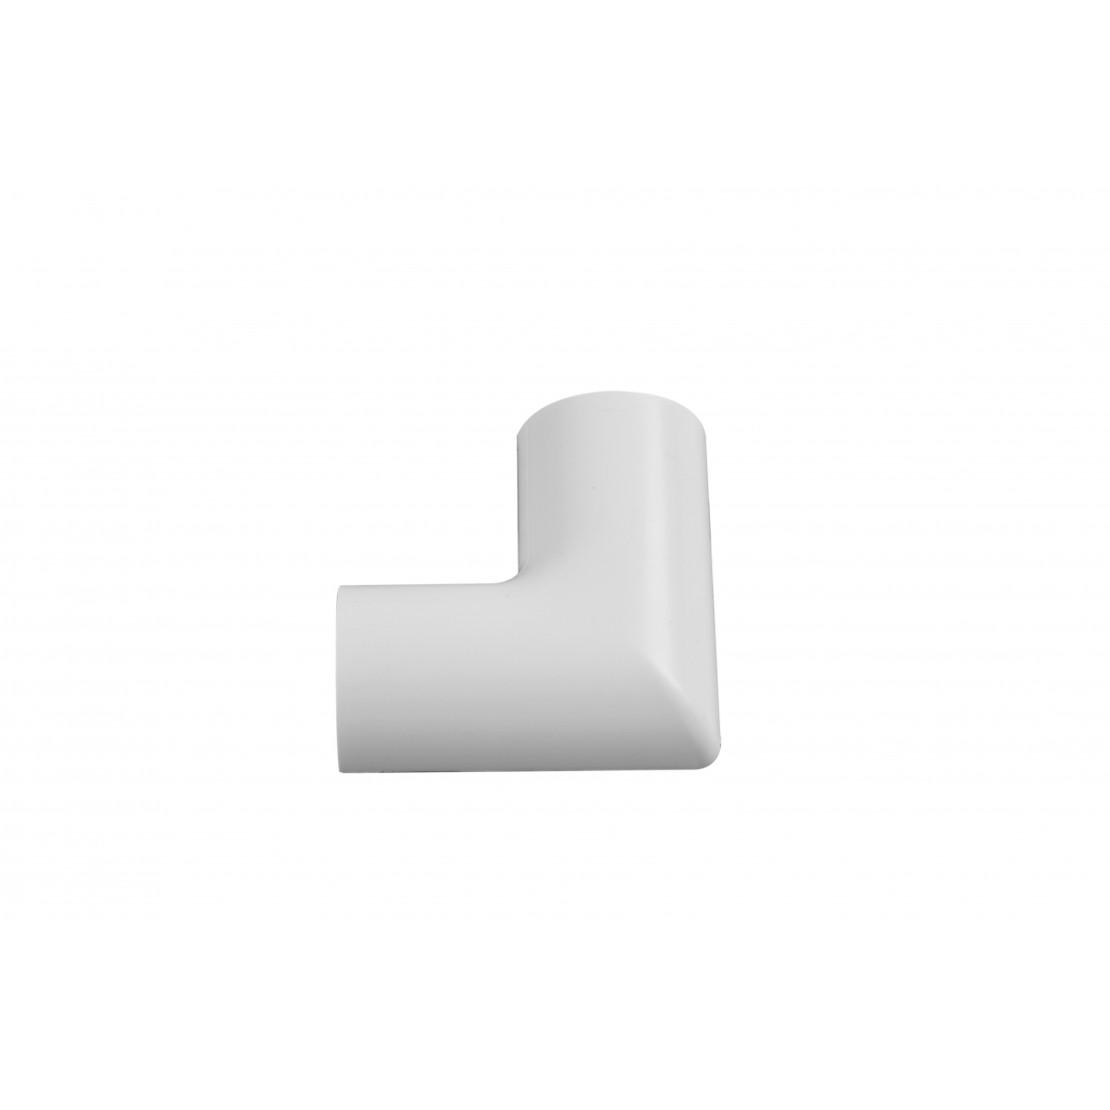 2xANGLES PLAT à clipser 30/15 Blanc